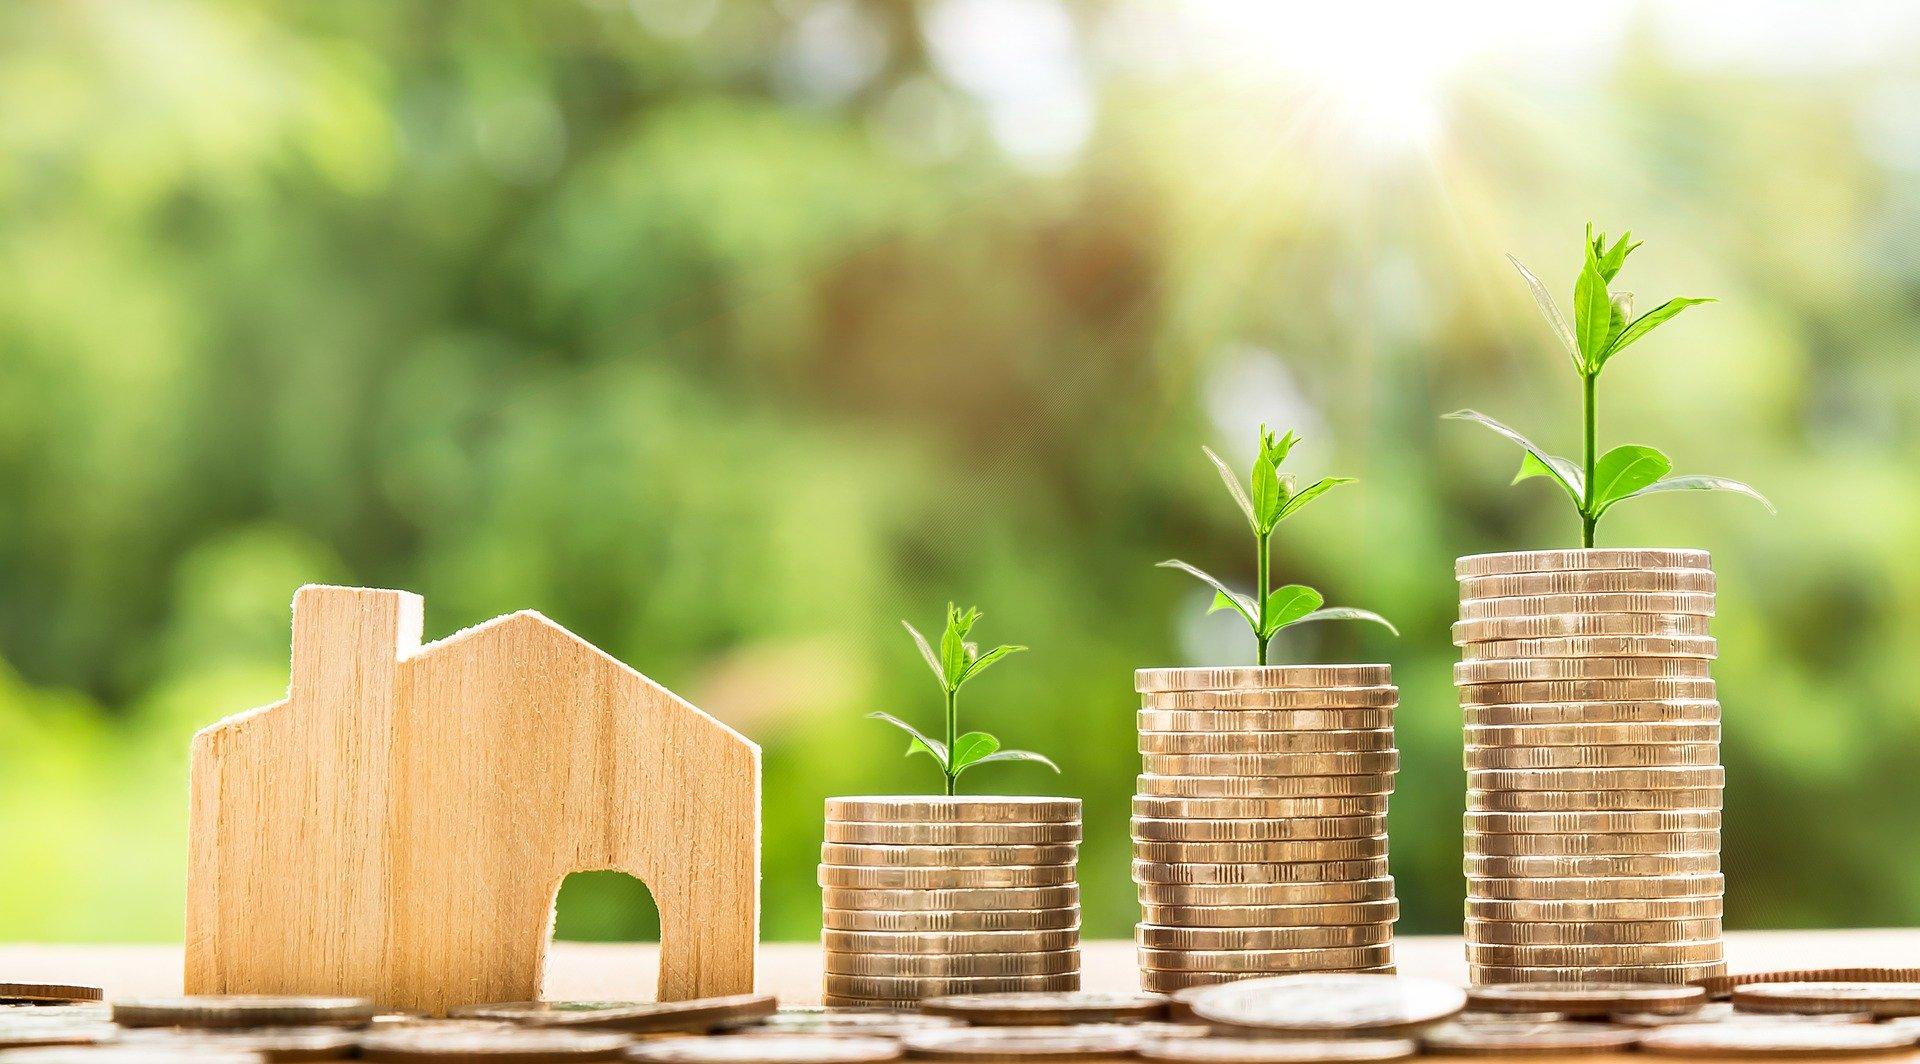 En France, la taxe foncière a augmenté de 31,4% en dix ans